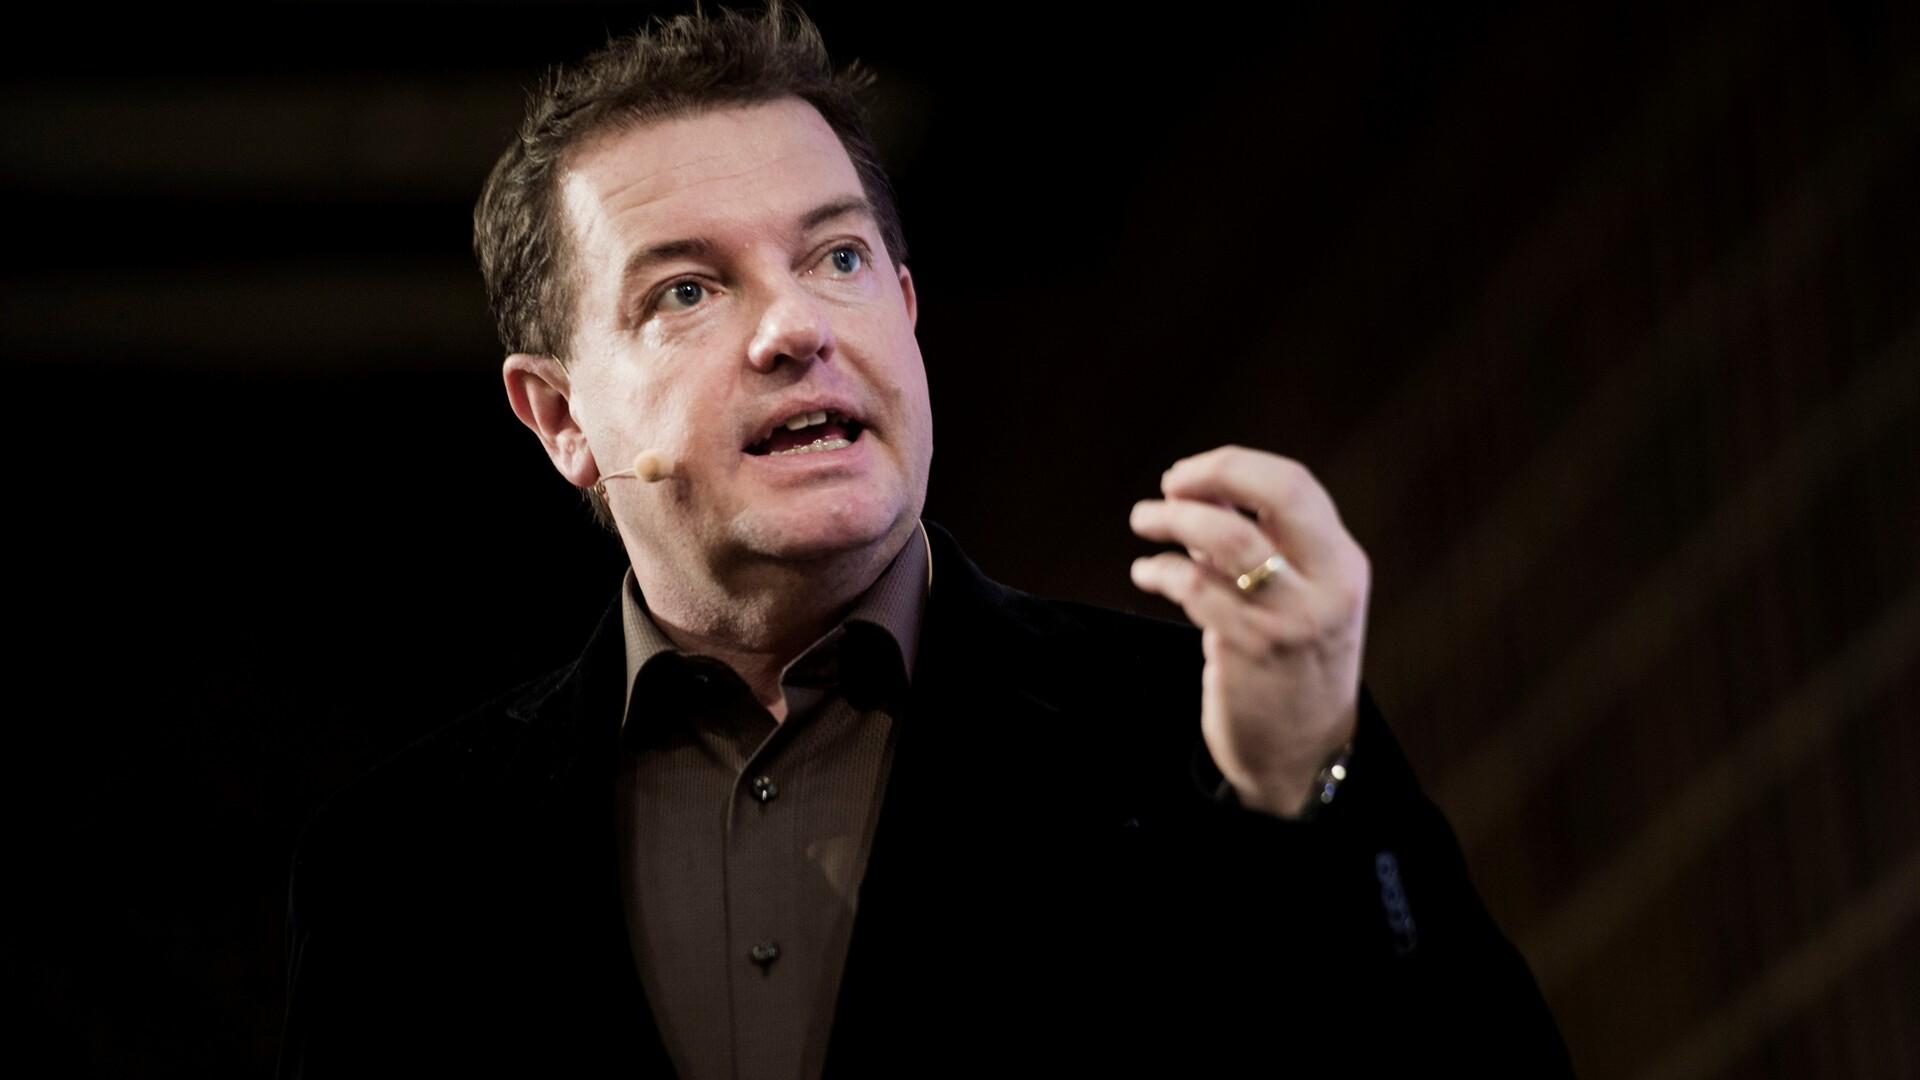 Jens Rohde (KD): Man siger, at man over tid bliver det, man bekæmper. Erkendelsen af den indsigt burde trænge sig på for borgerligt liberale